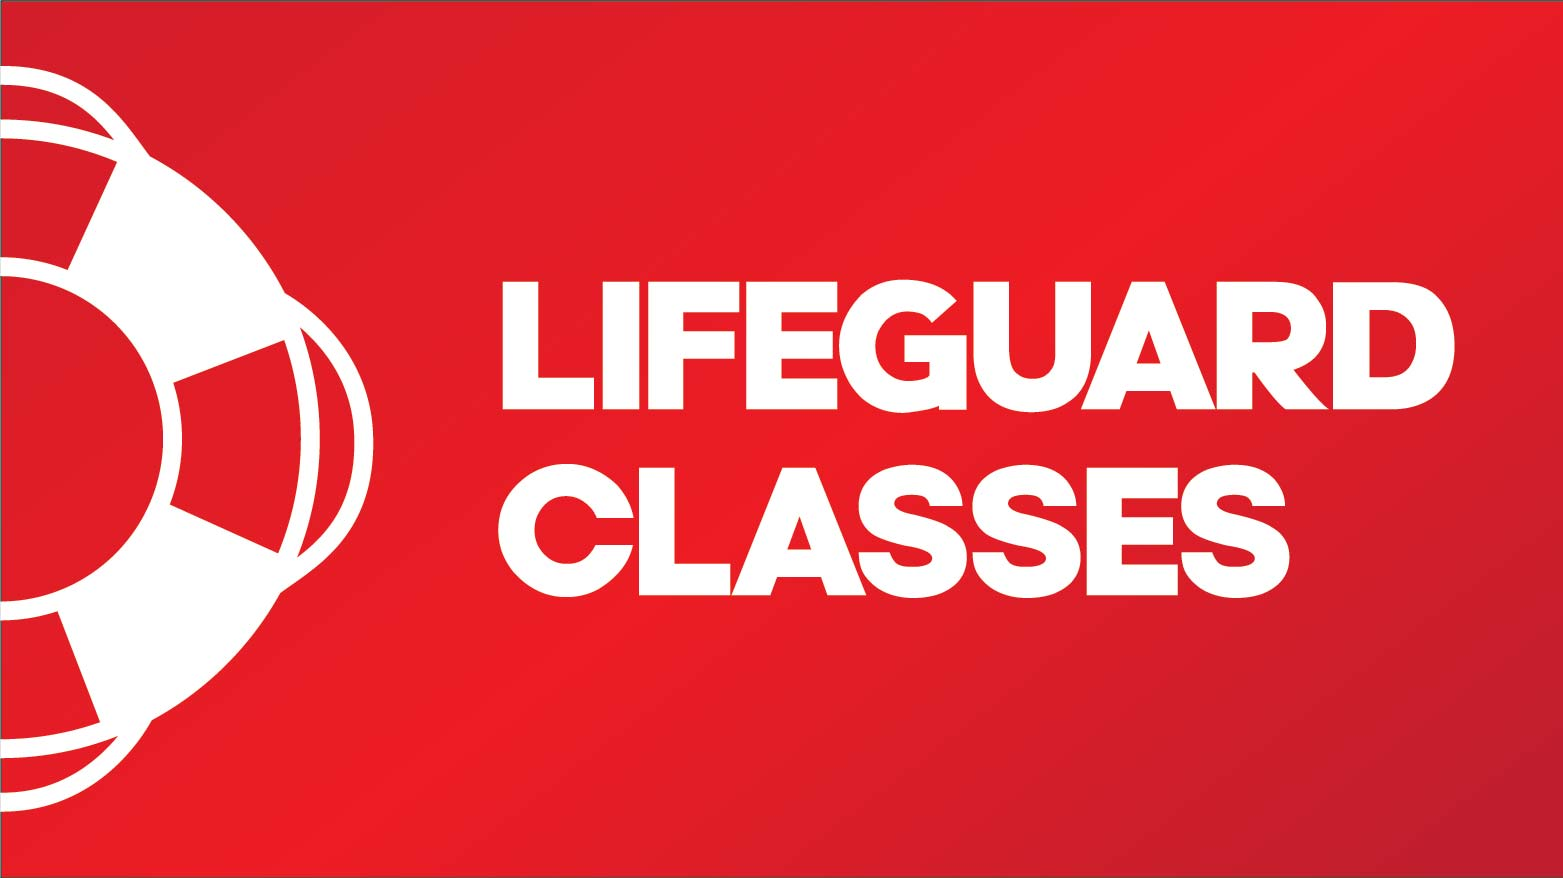 Lifeguard Certification Class - FS